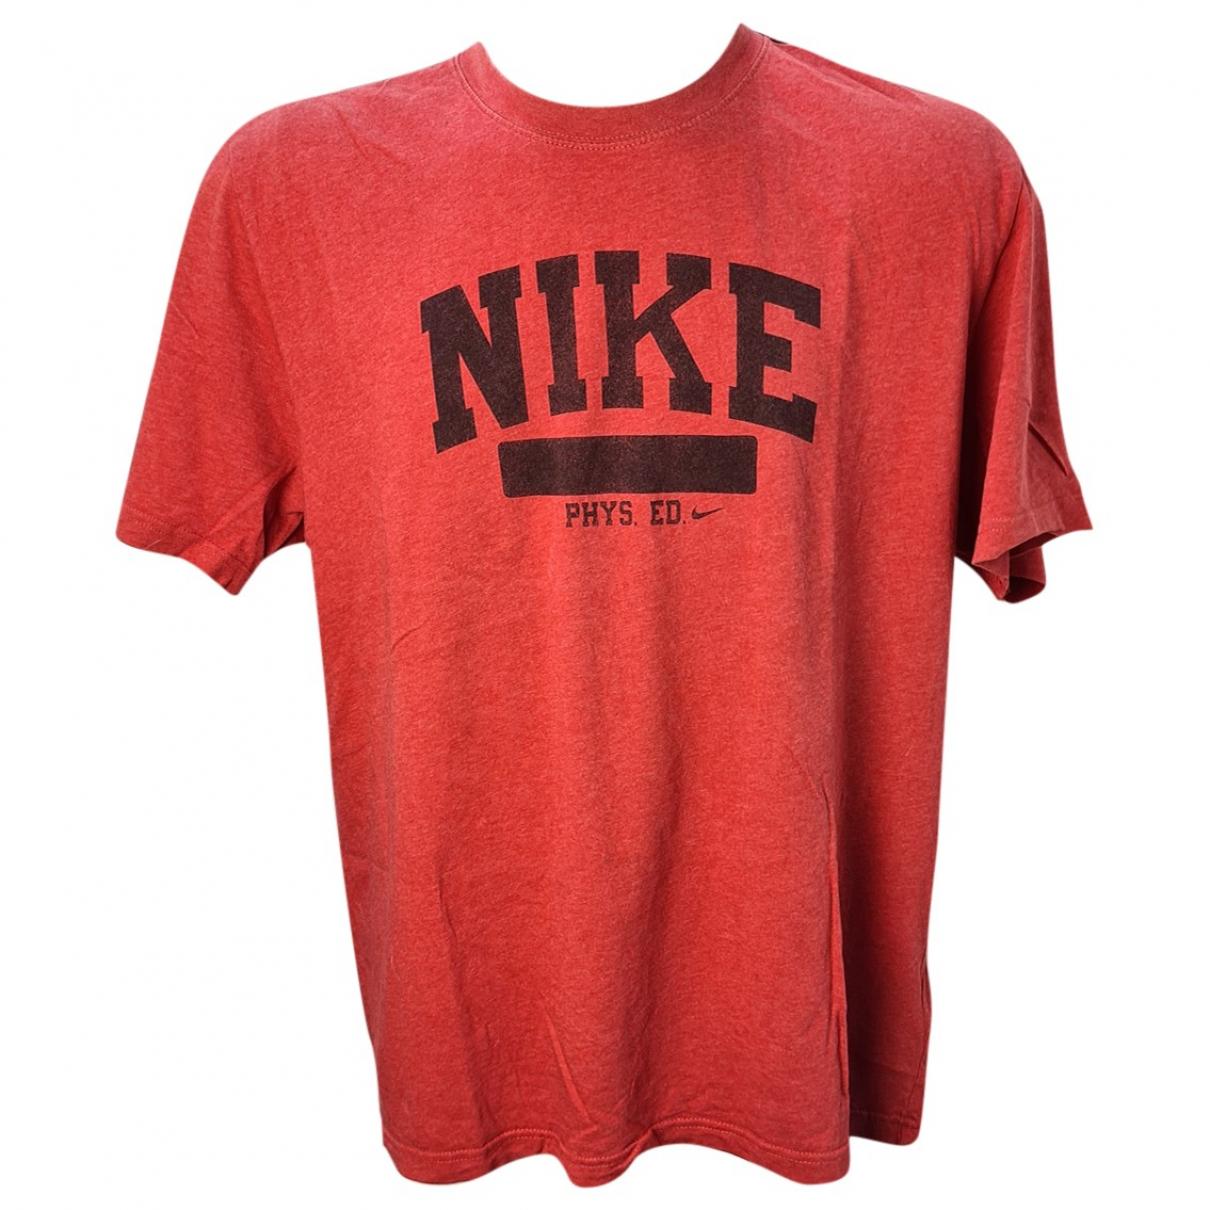 Nike - Tee shirts   pour homme en coton - rouge